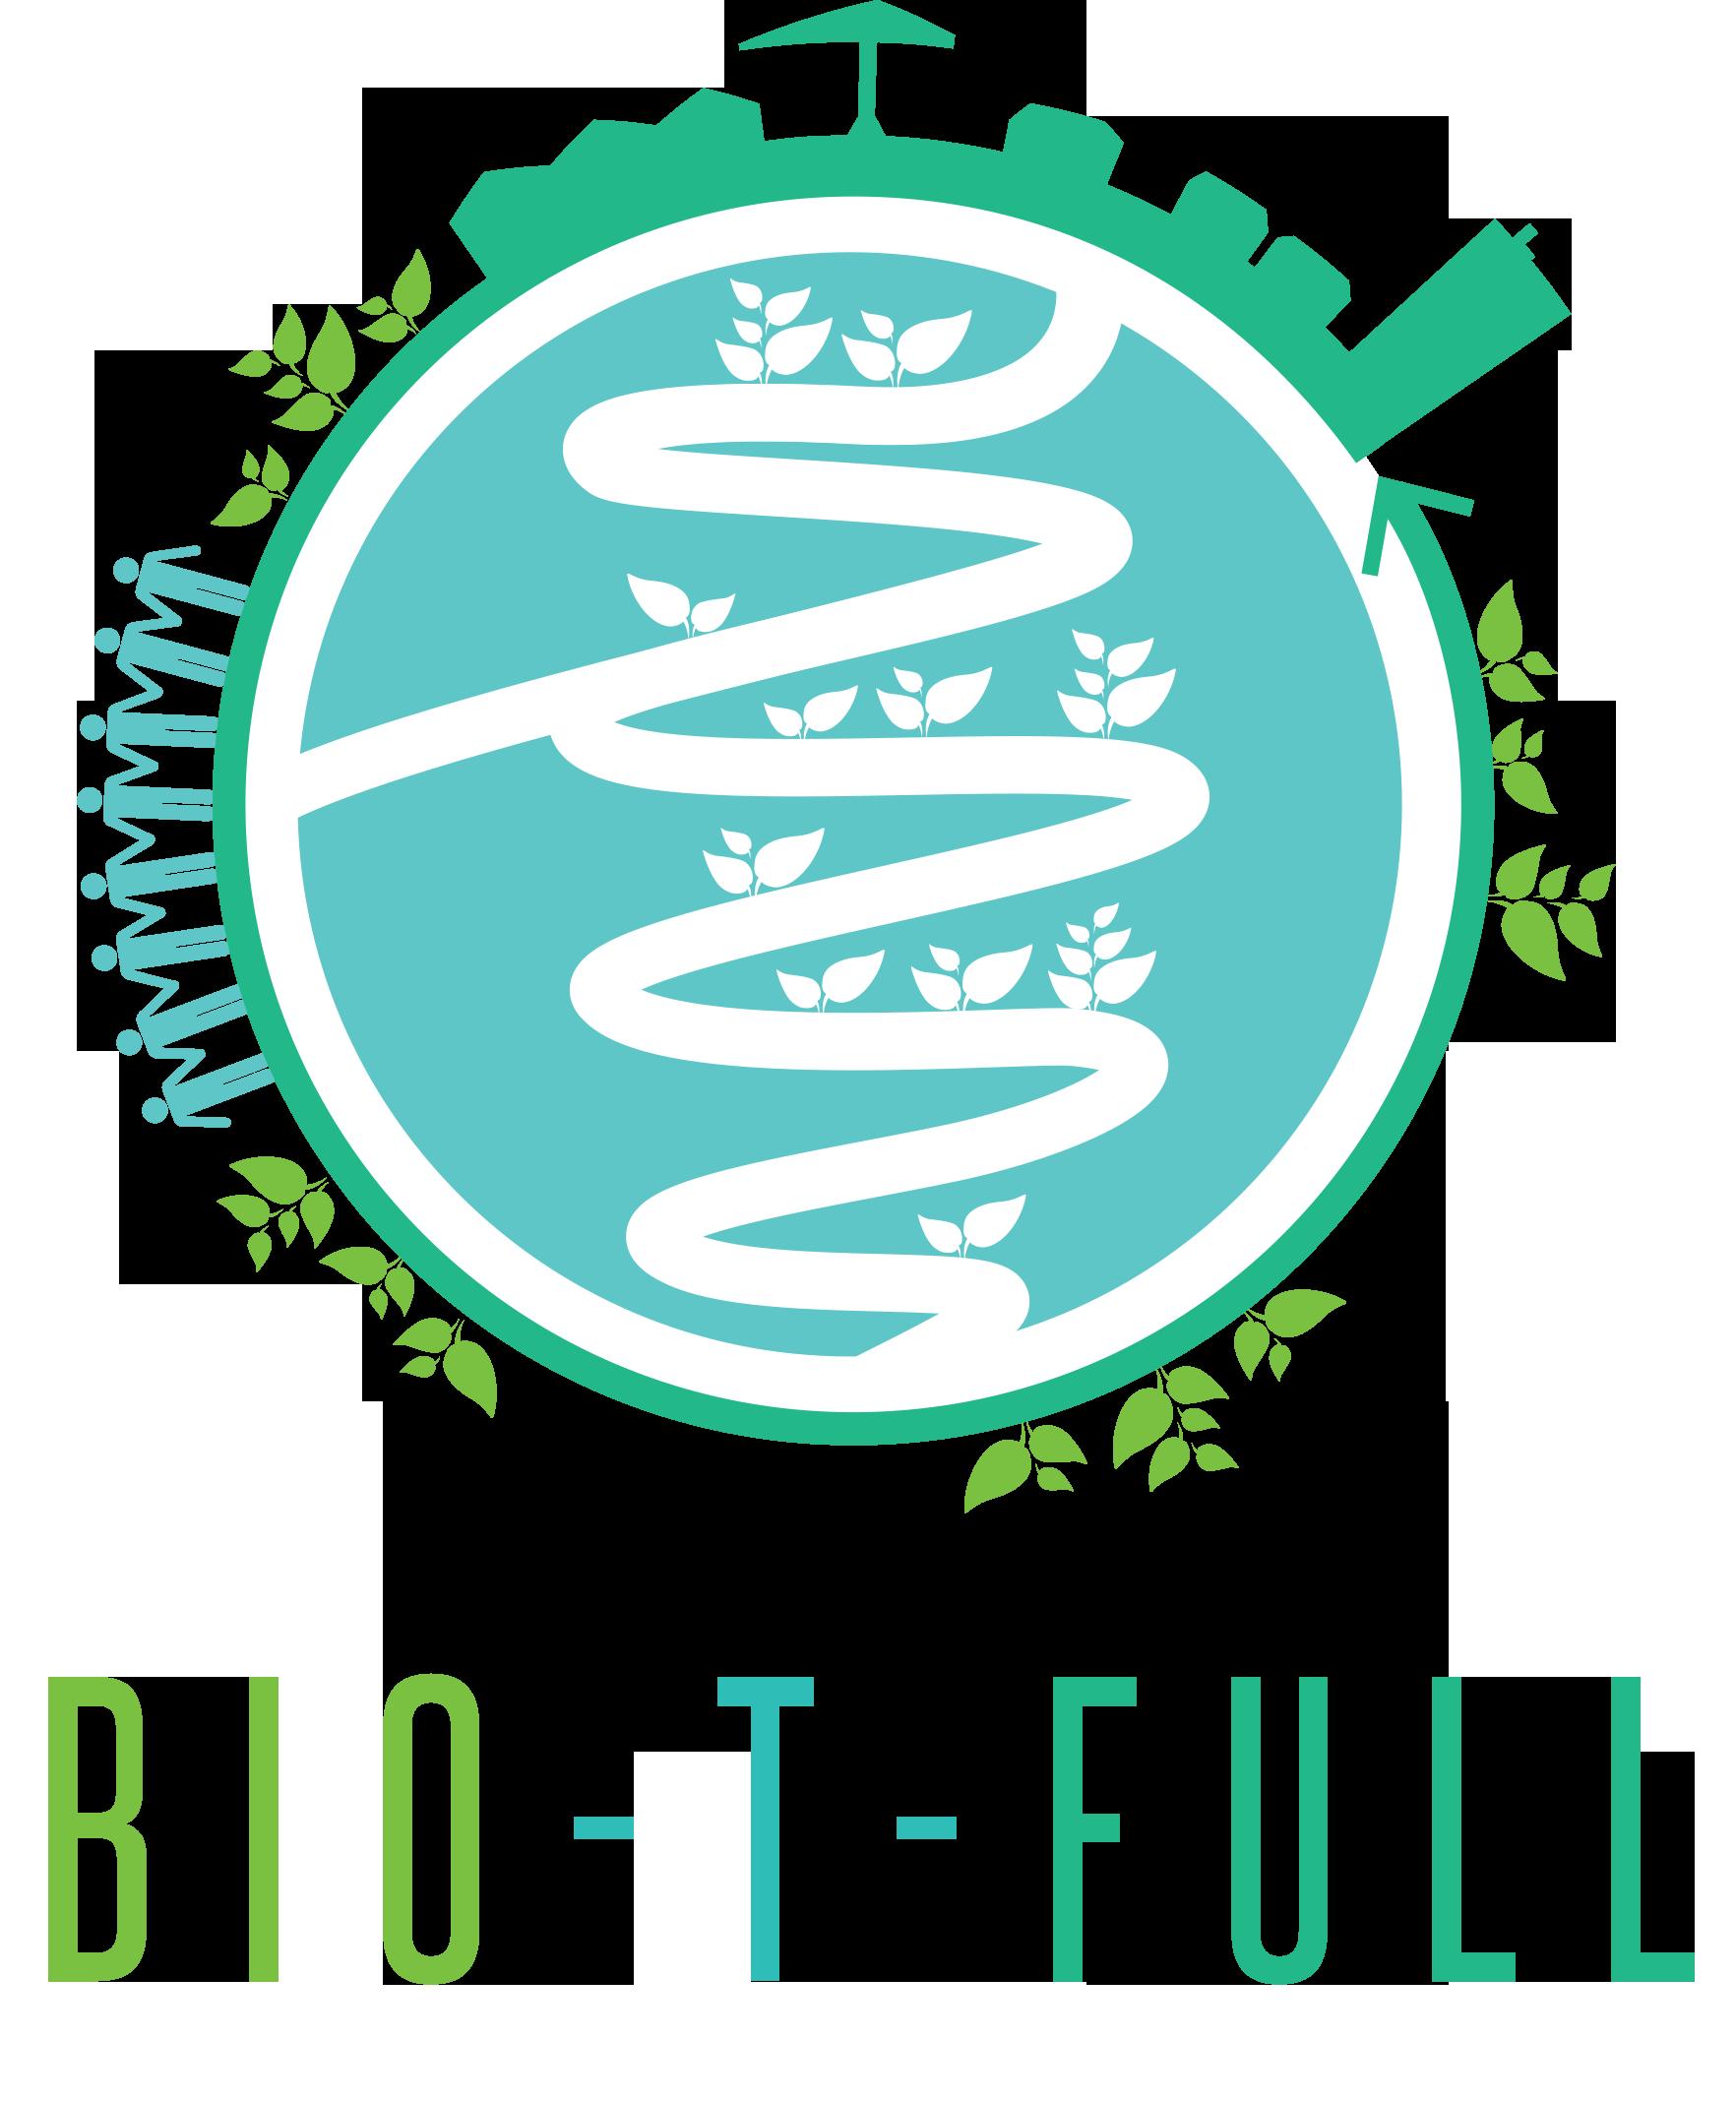 Bio-T-Full